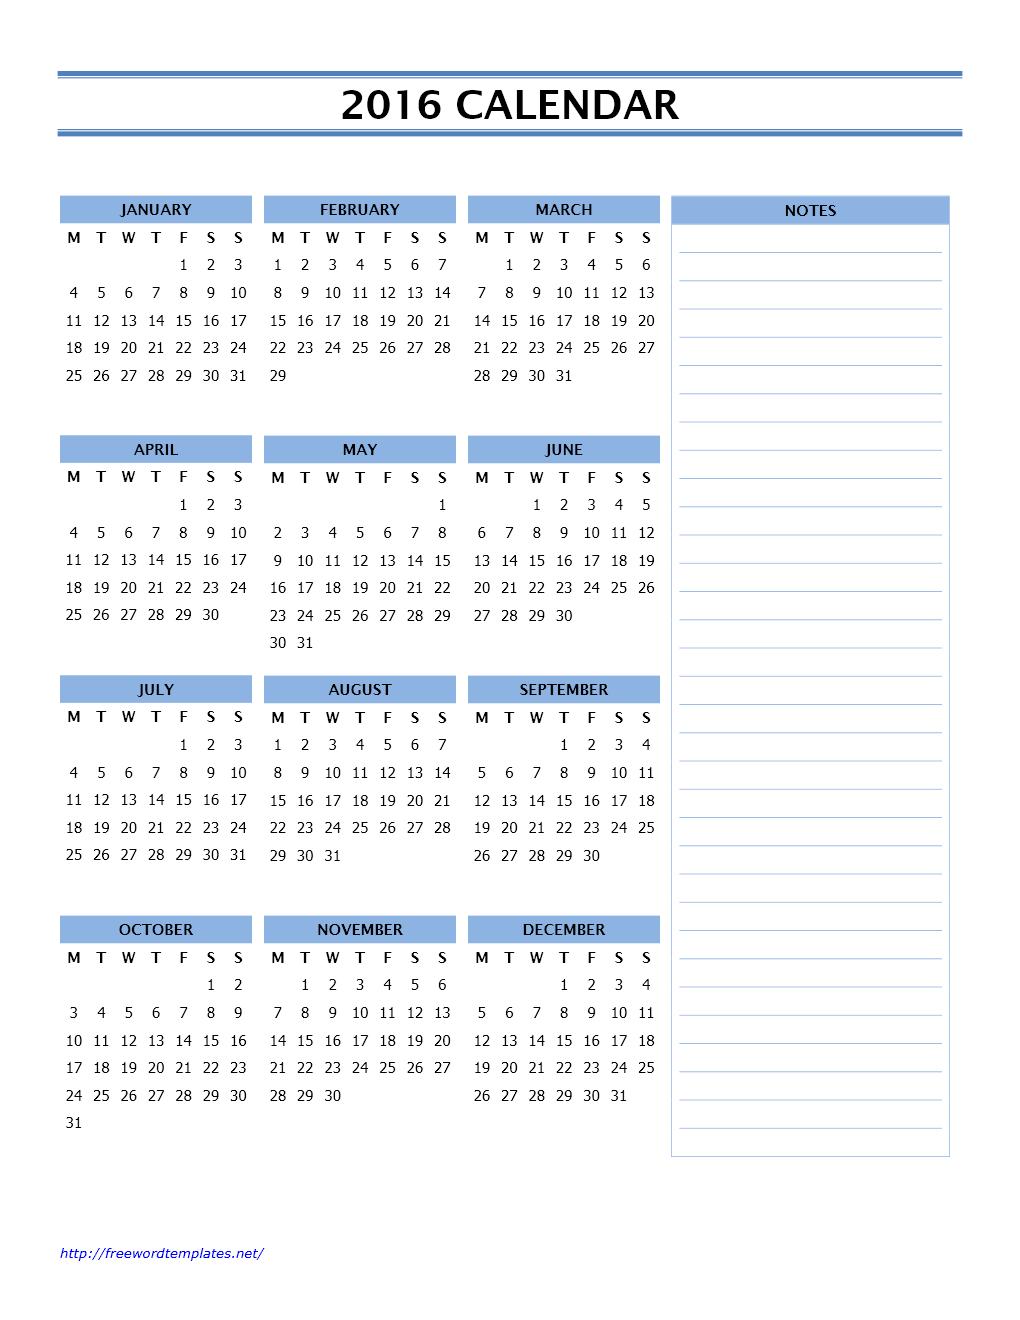 2016 Calendar Templates – Calendar Templates in Word